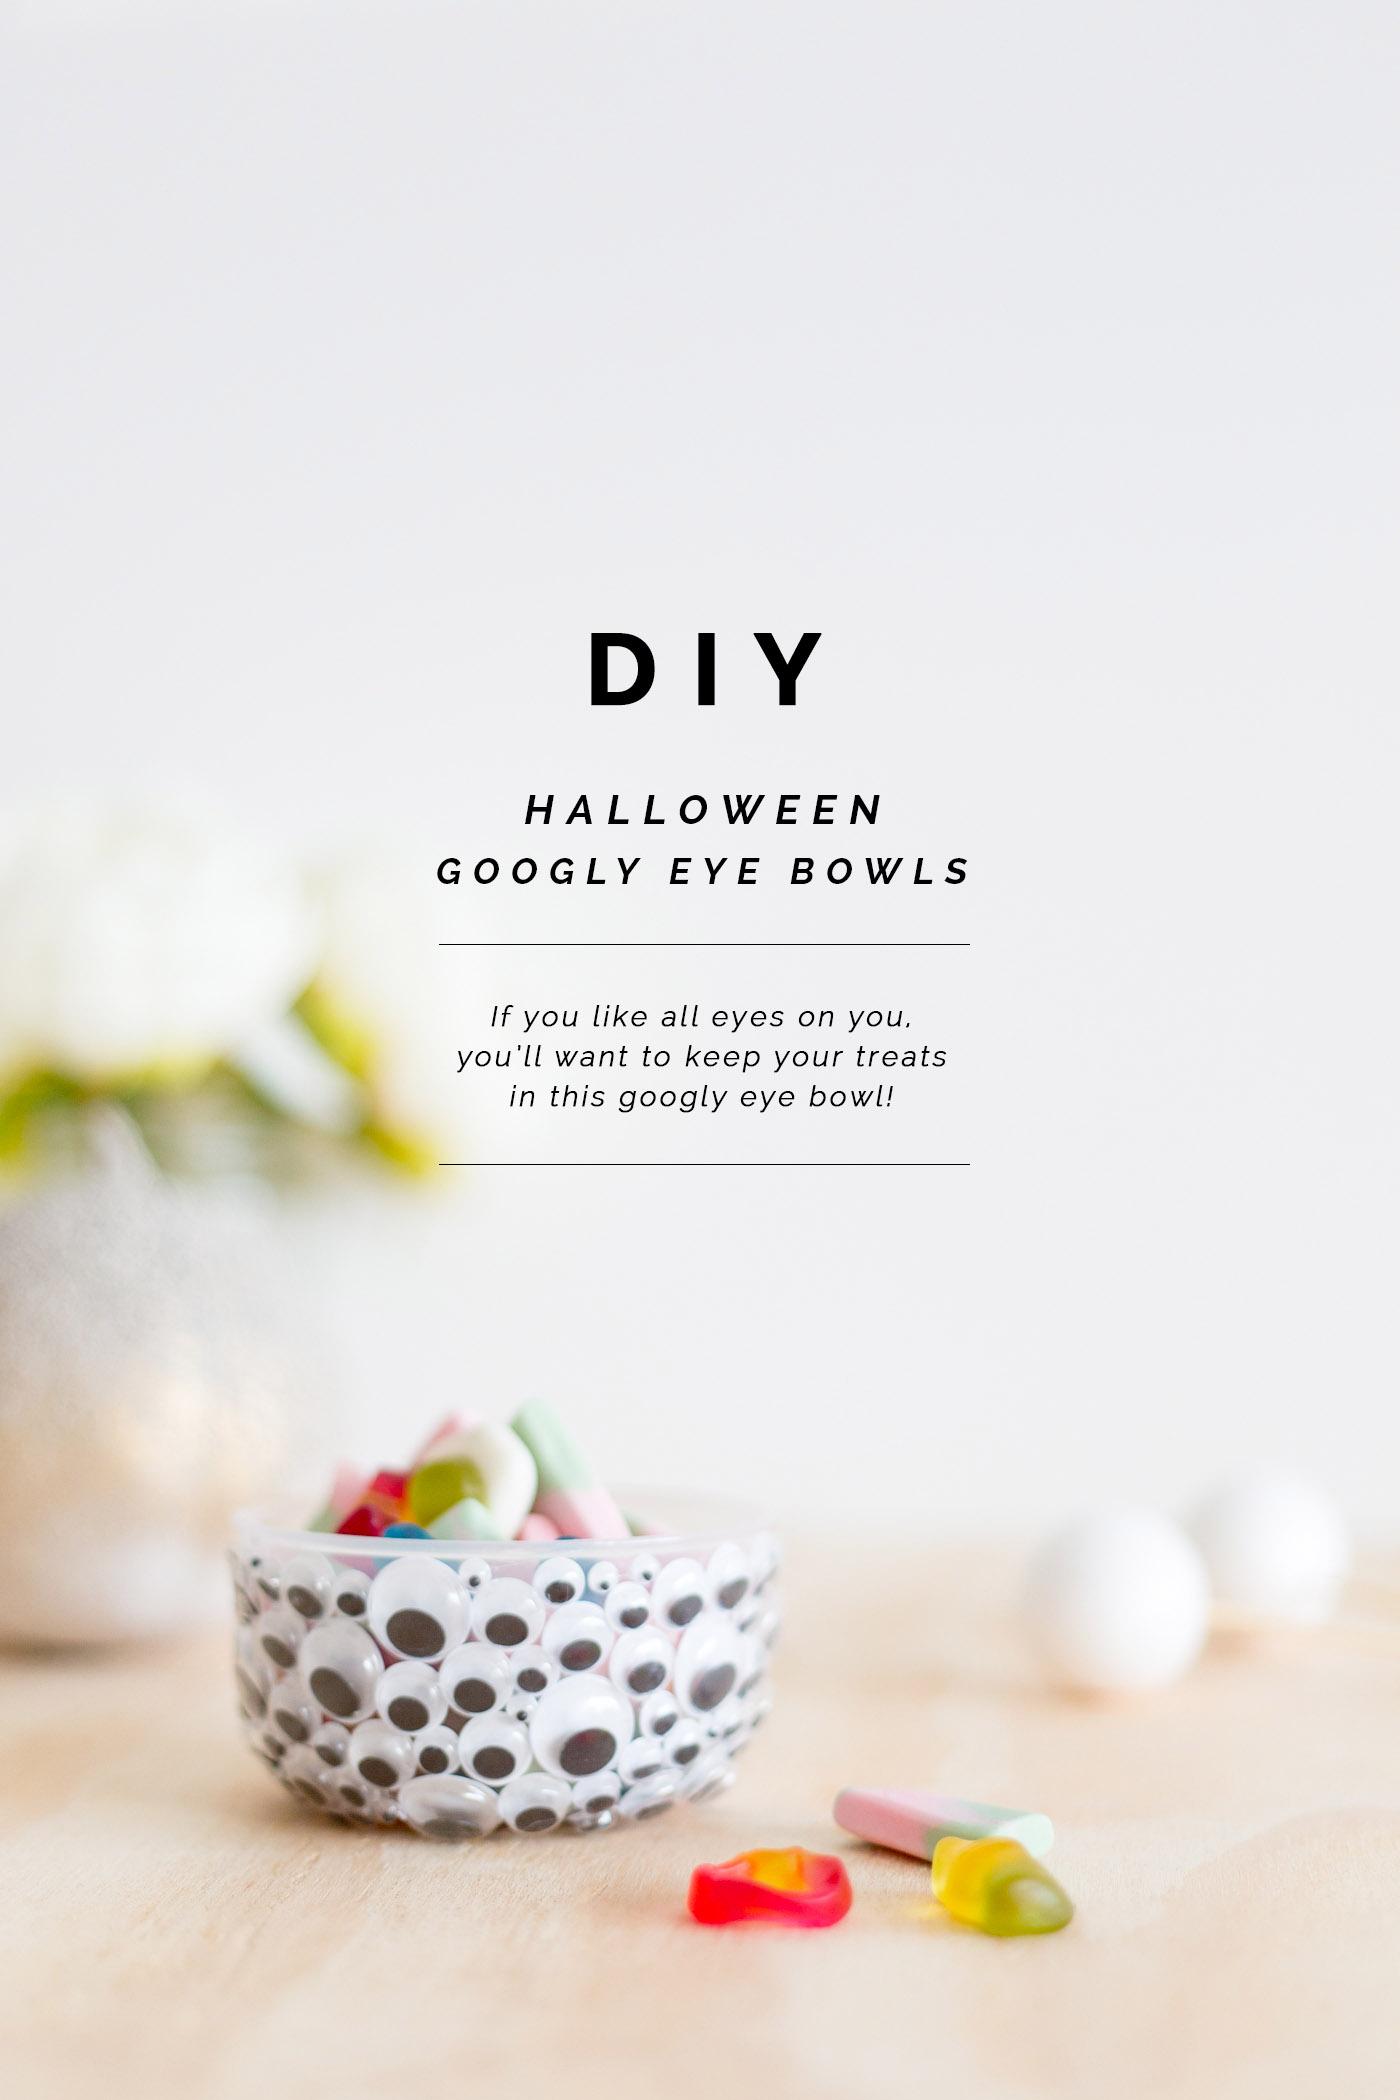 DIY Halloween Googly Eye Bowls | @fallfordiy